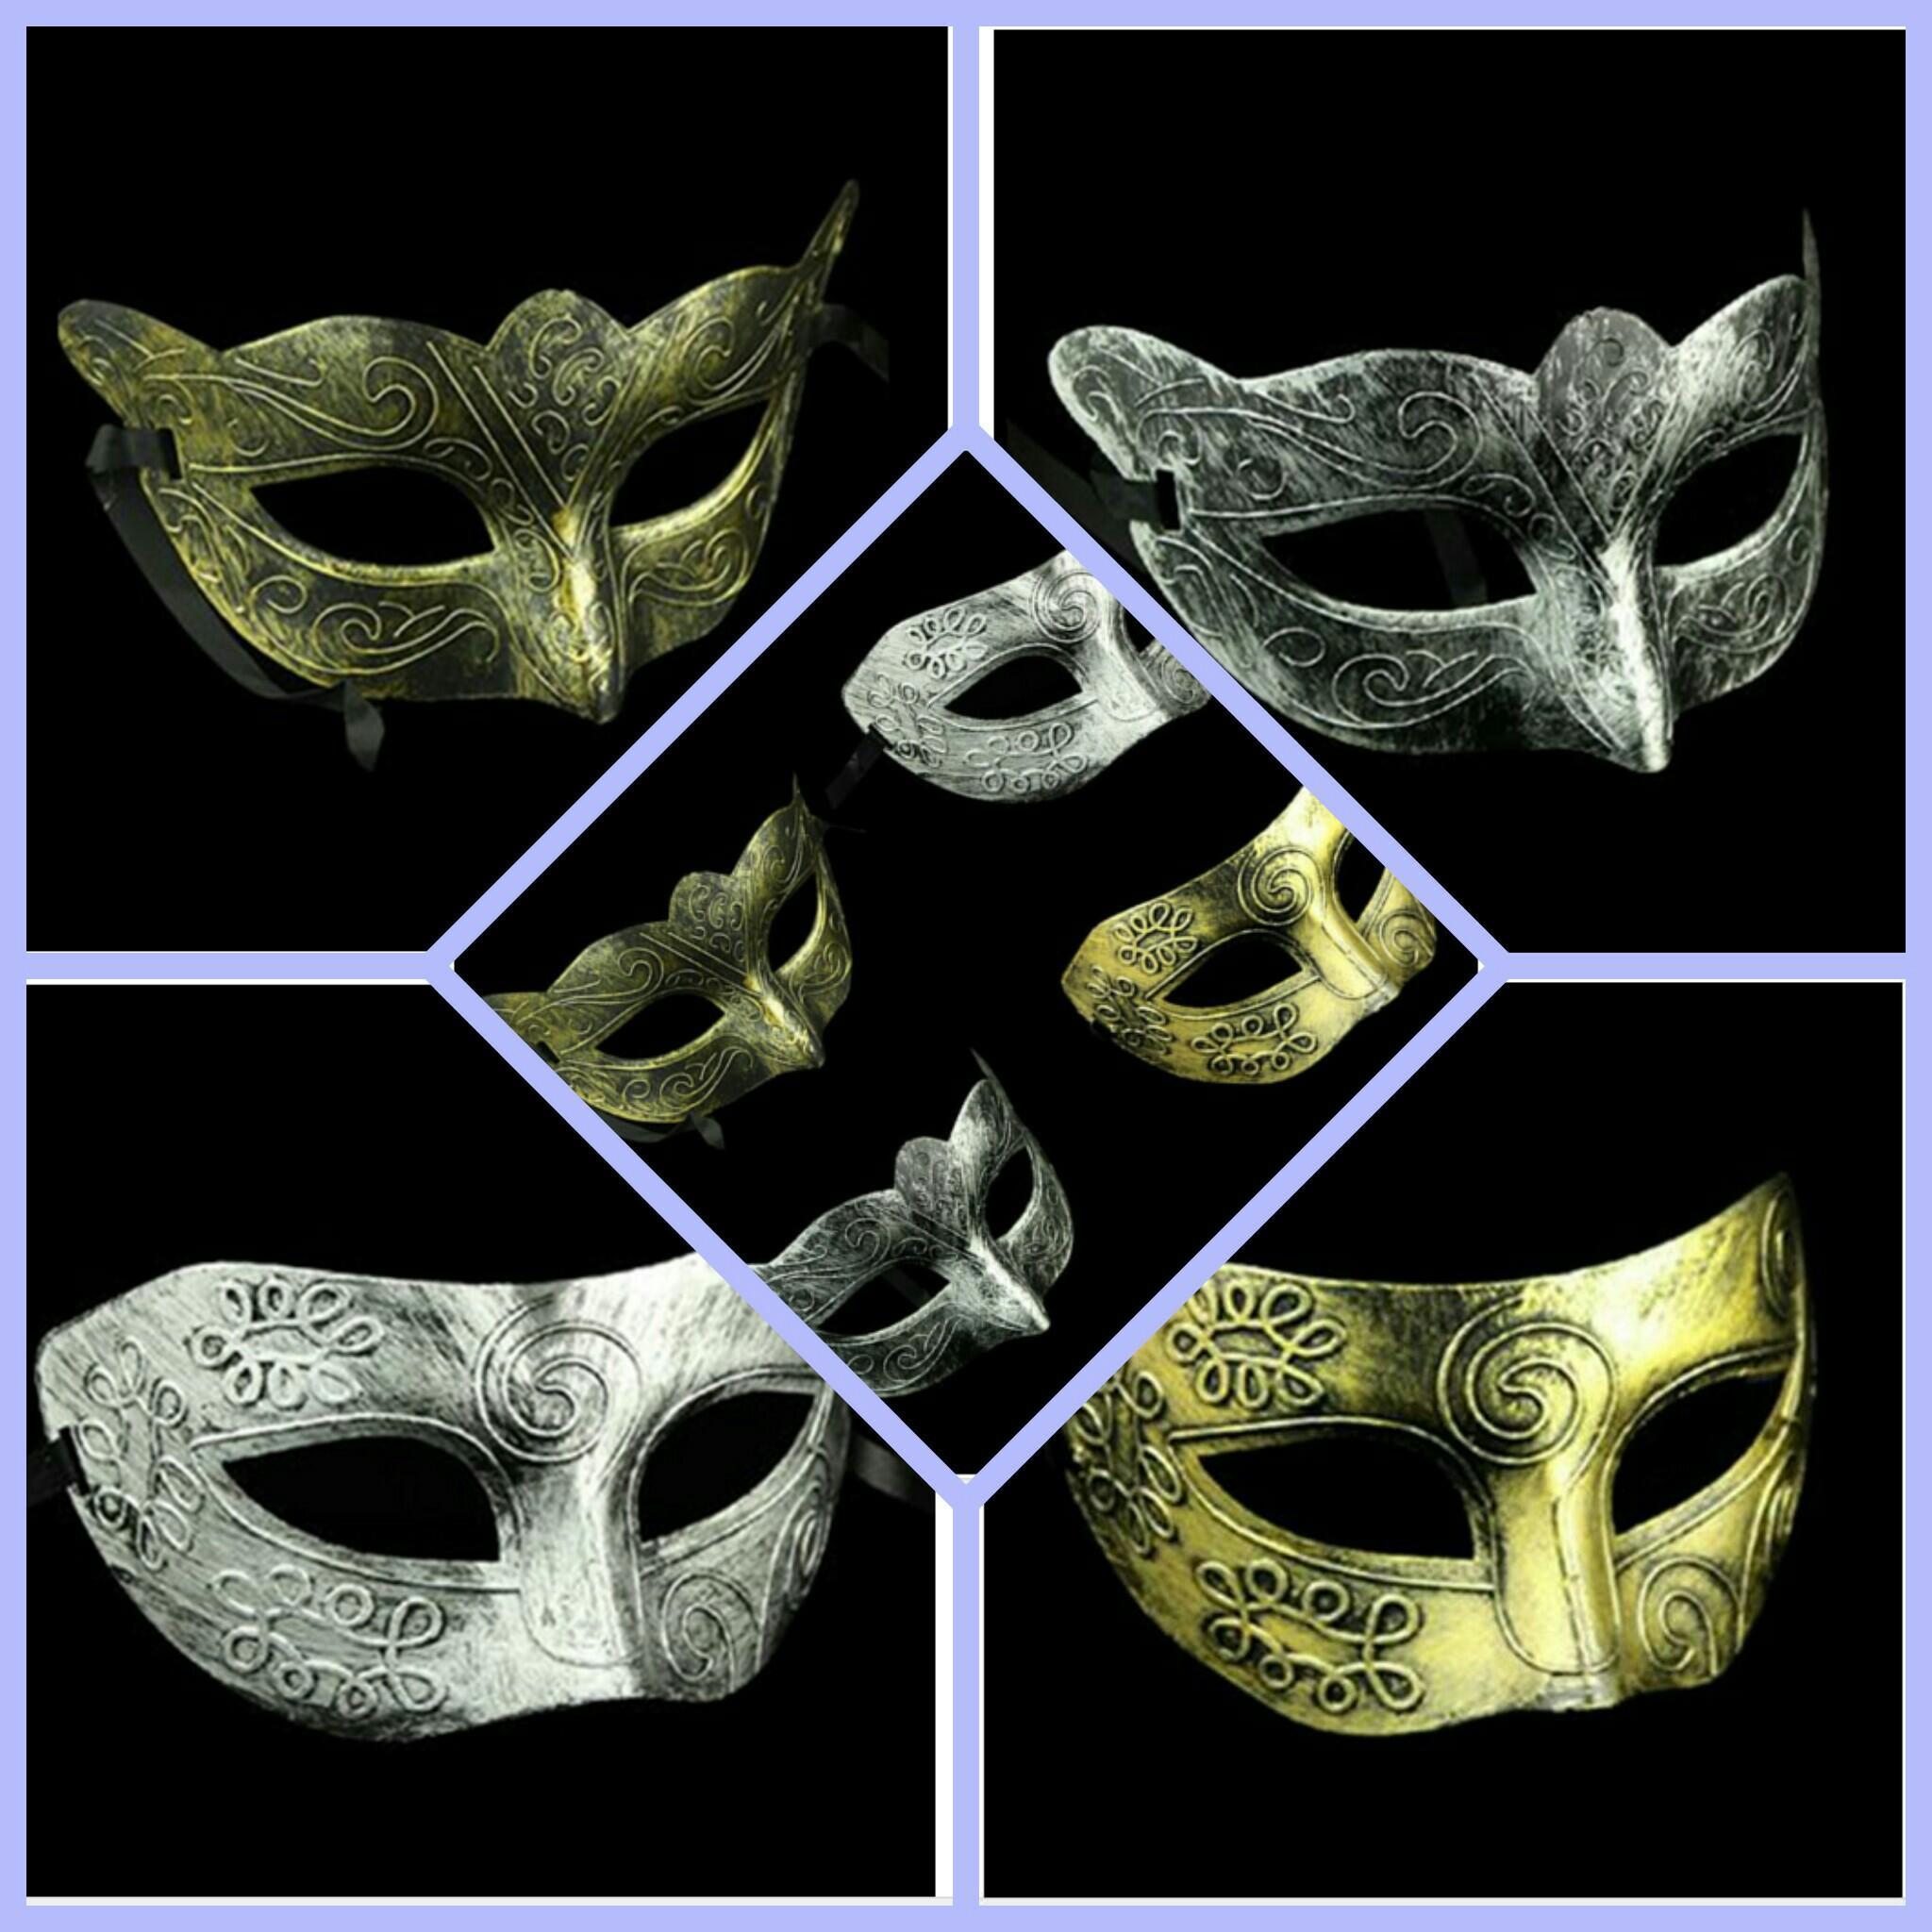 Retro Roman Prinz Gold / Silber-Maske Repli Jazz-Mann an der Maskerade-Silber Karneval Halloween-Weinlese-Halbmaske - Gesichtsmaske WL02